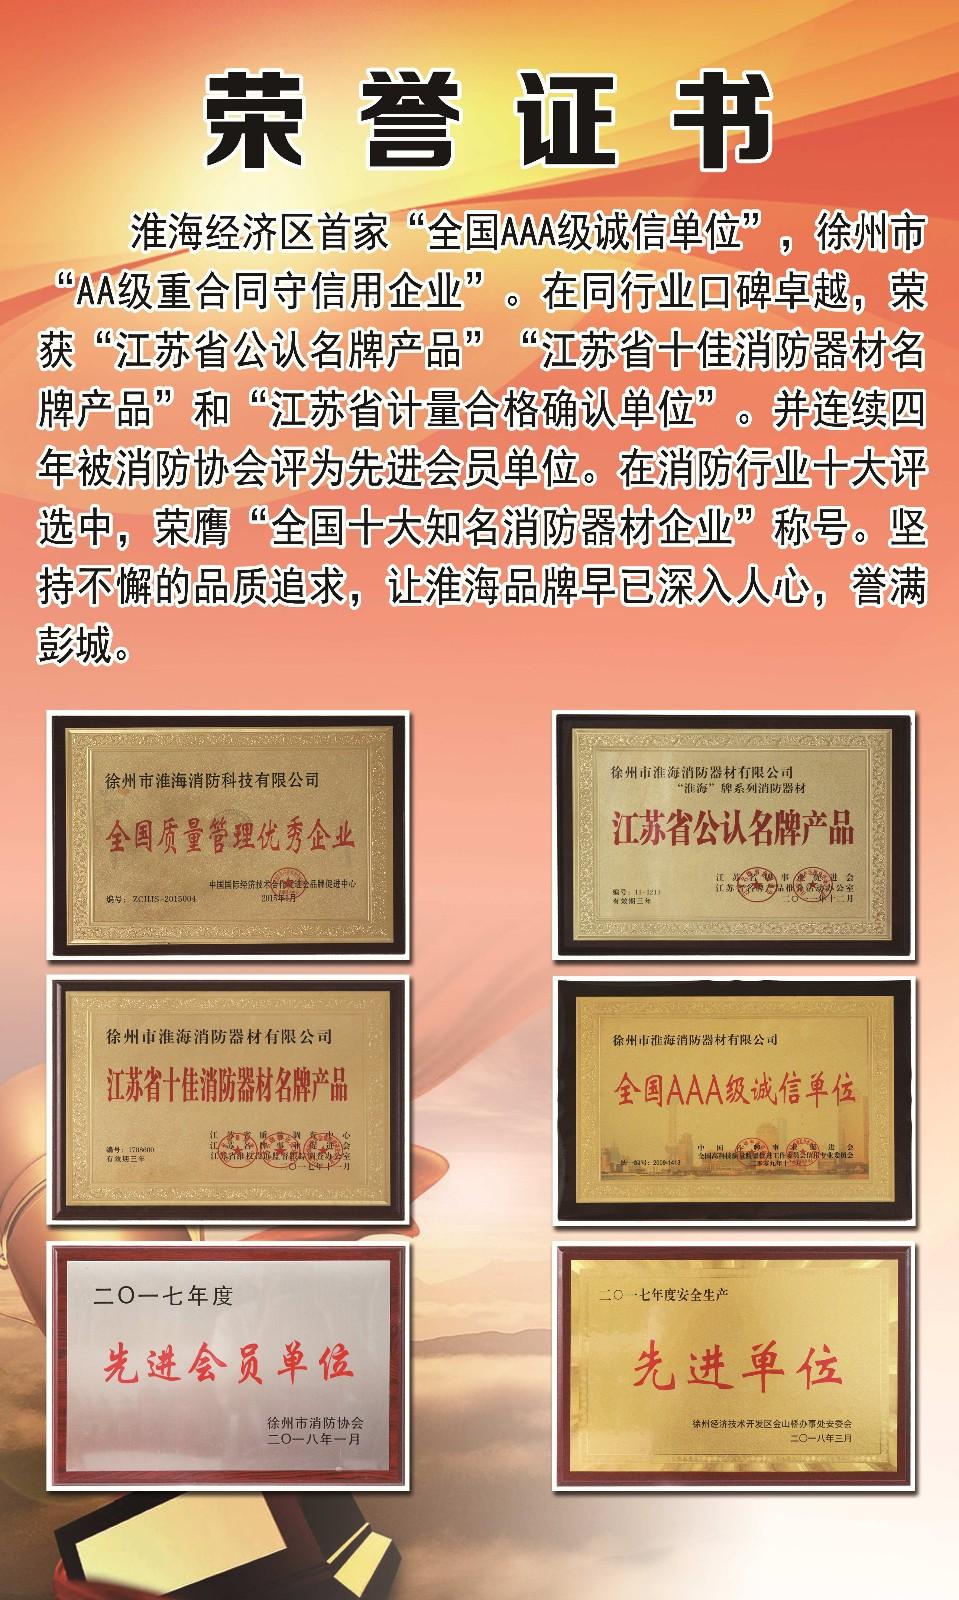 淮海消防公司介�B|公司新�-徐州市淮海消防器材有�限公司